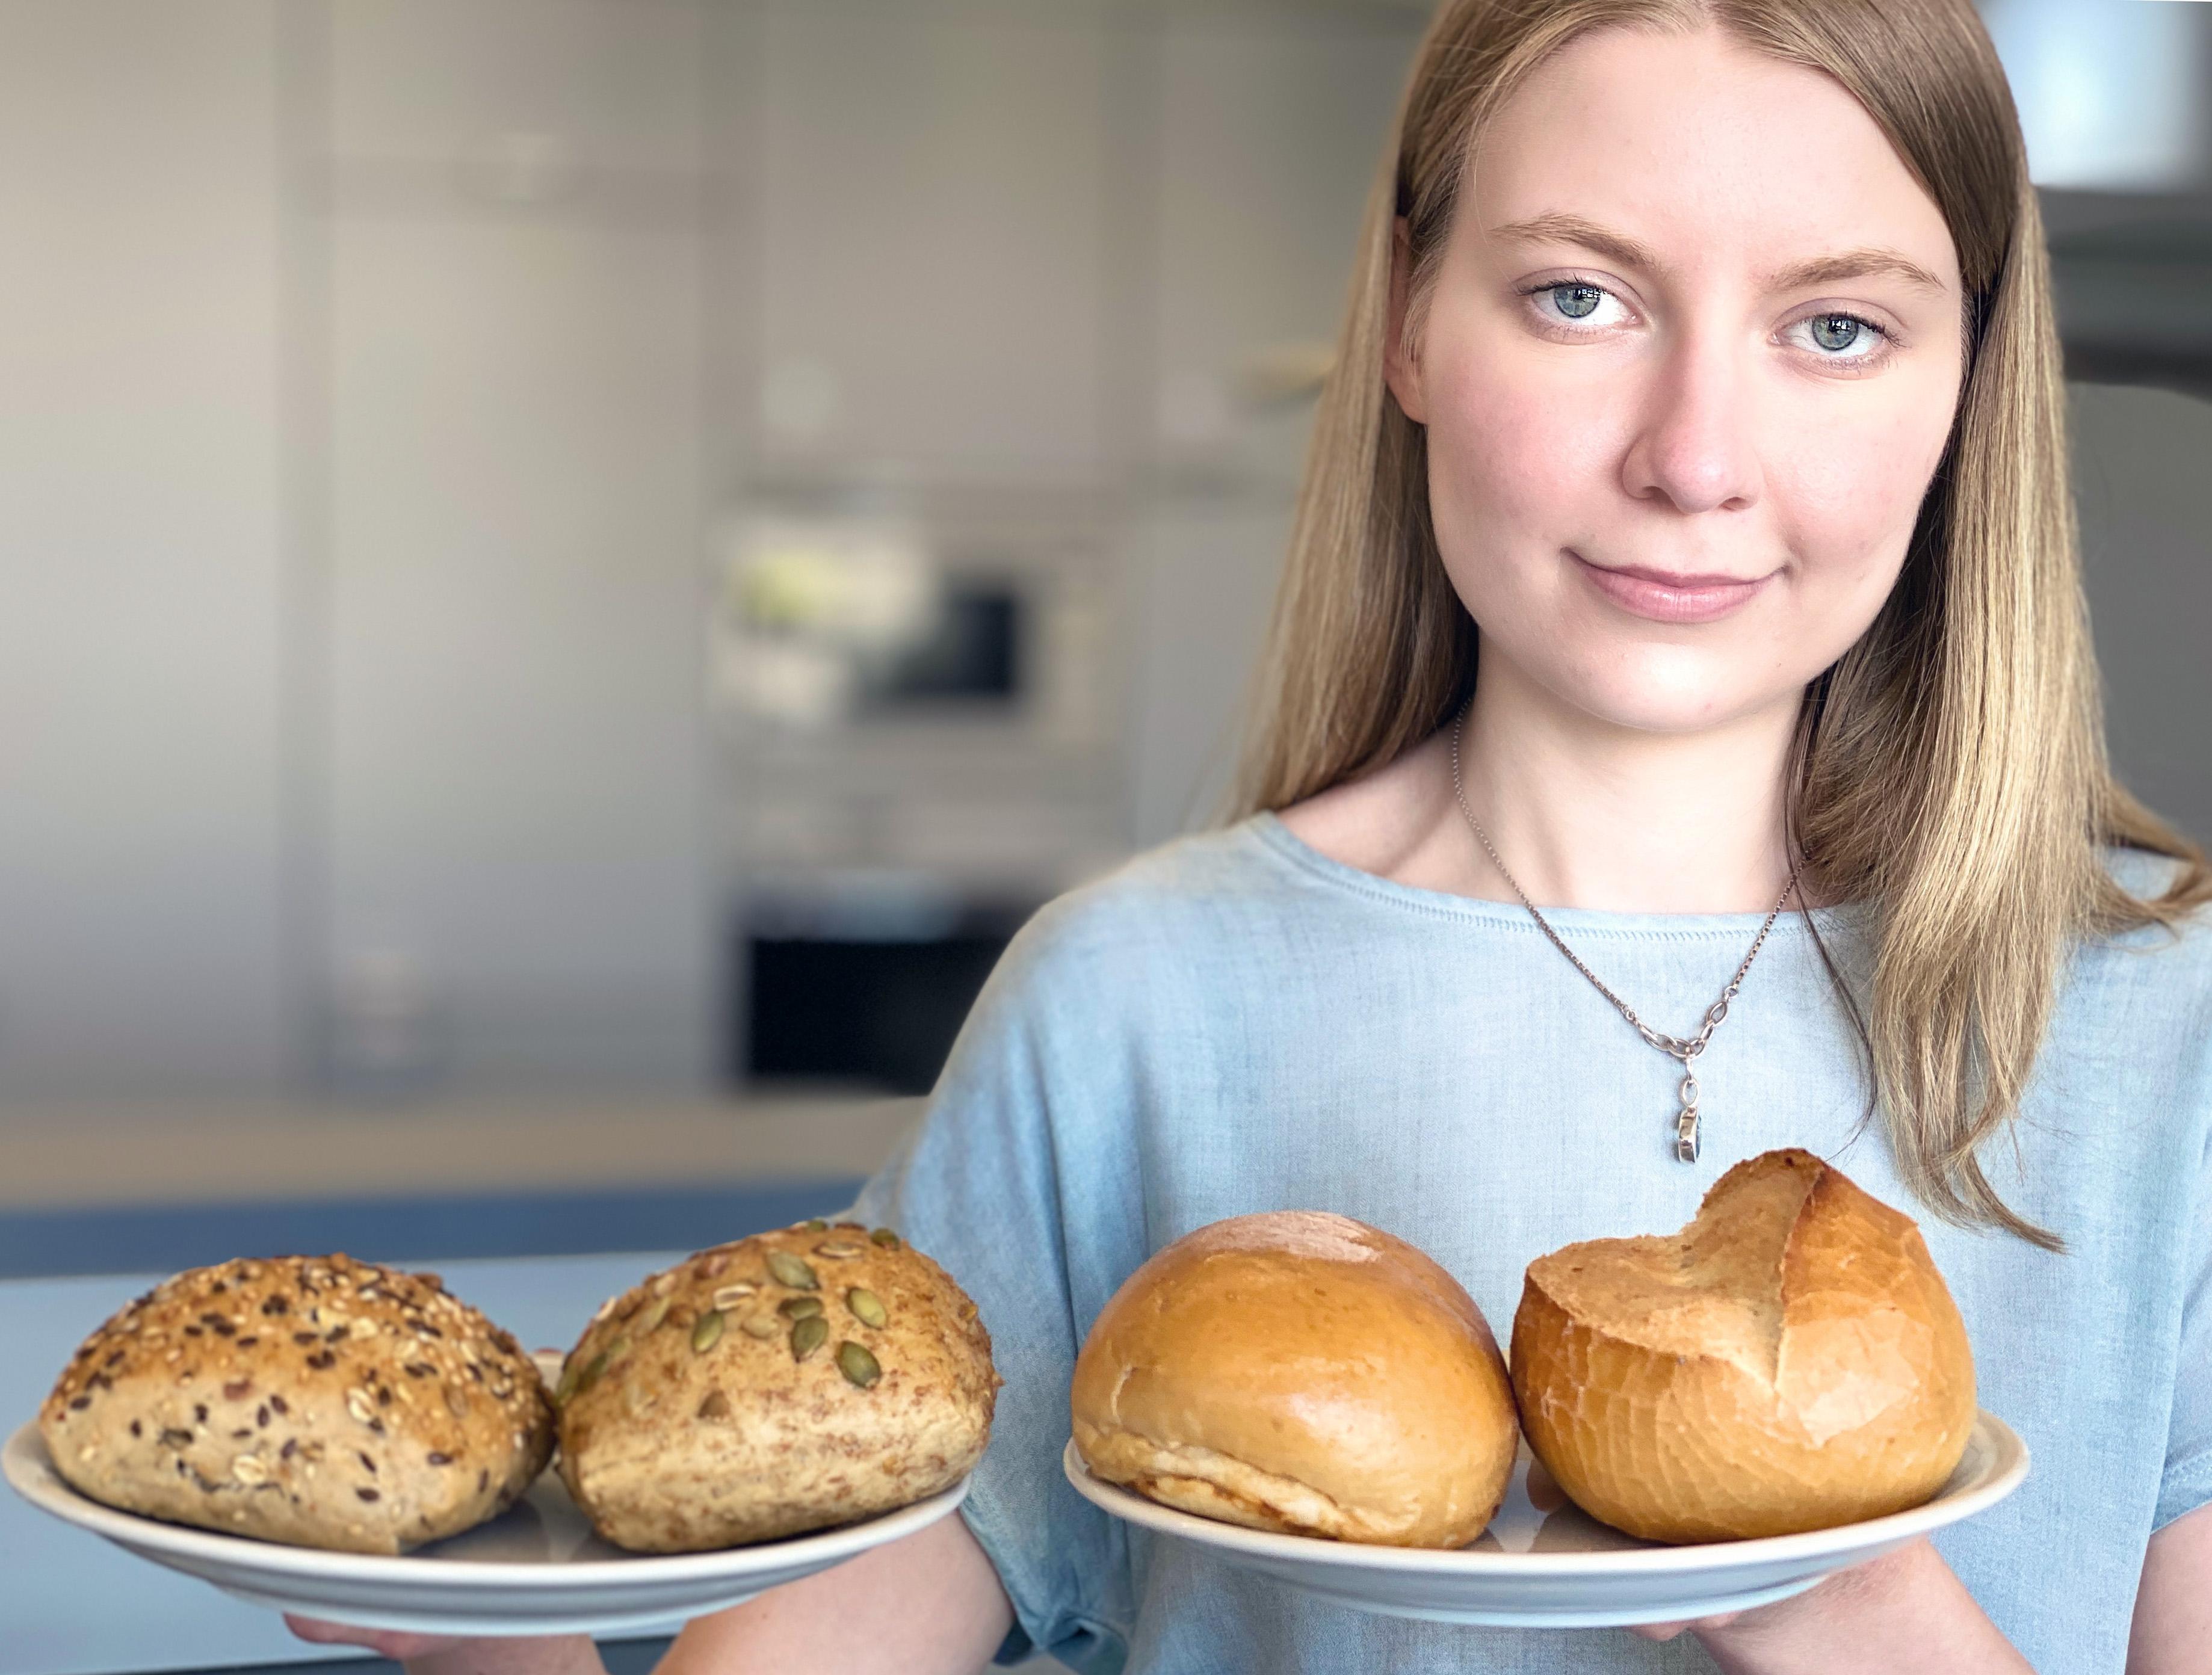 Fiona Abram steht mit Weizenbrötchen und Körnerbrötchen in einem Labor am Fachbereich Oecotrophologie – Facility Management.